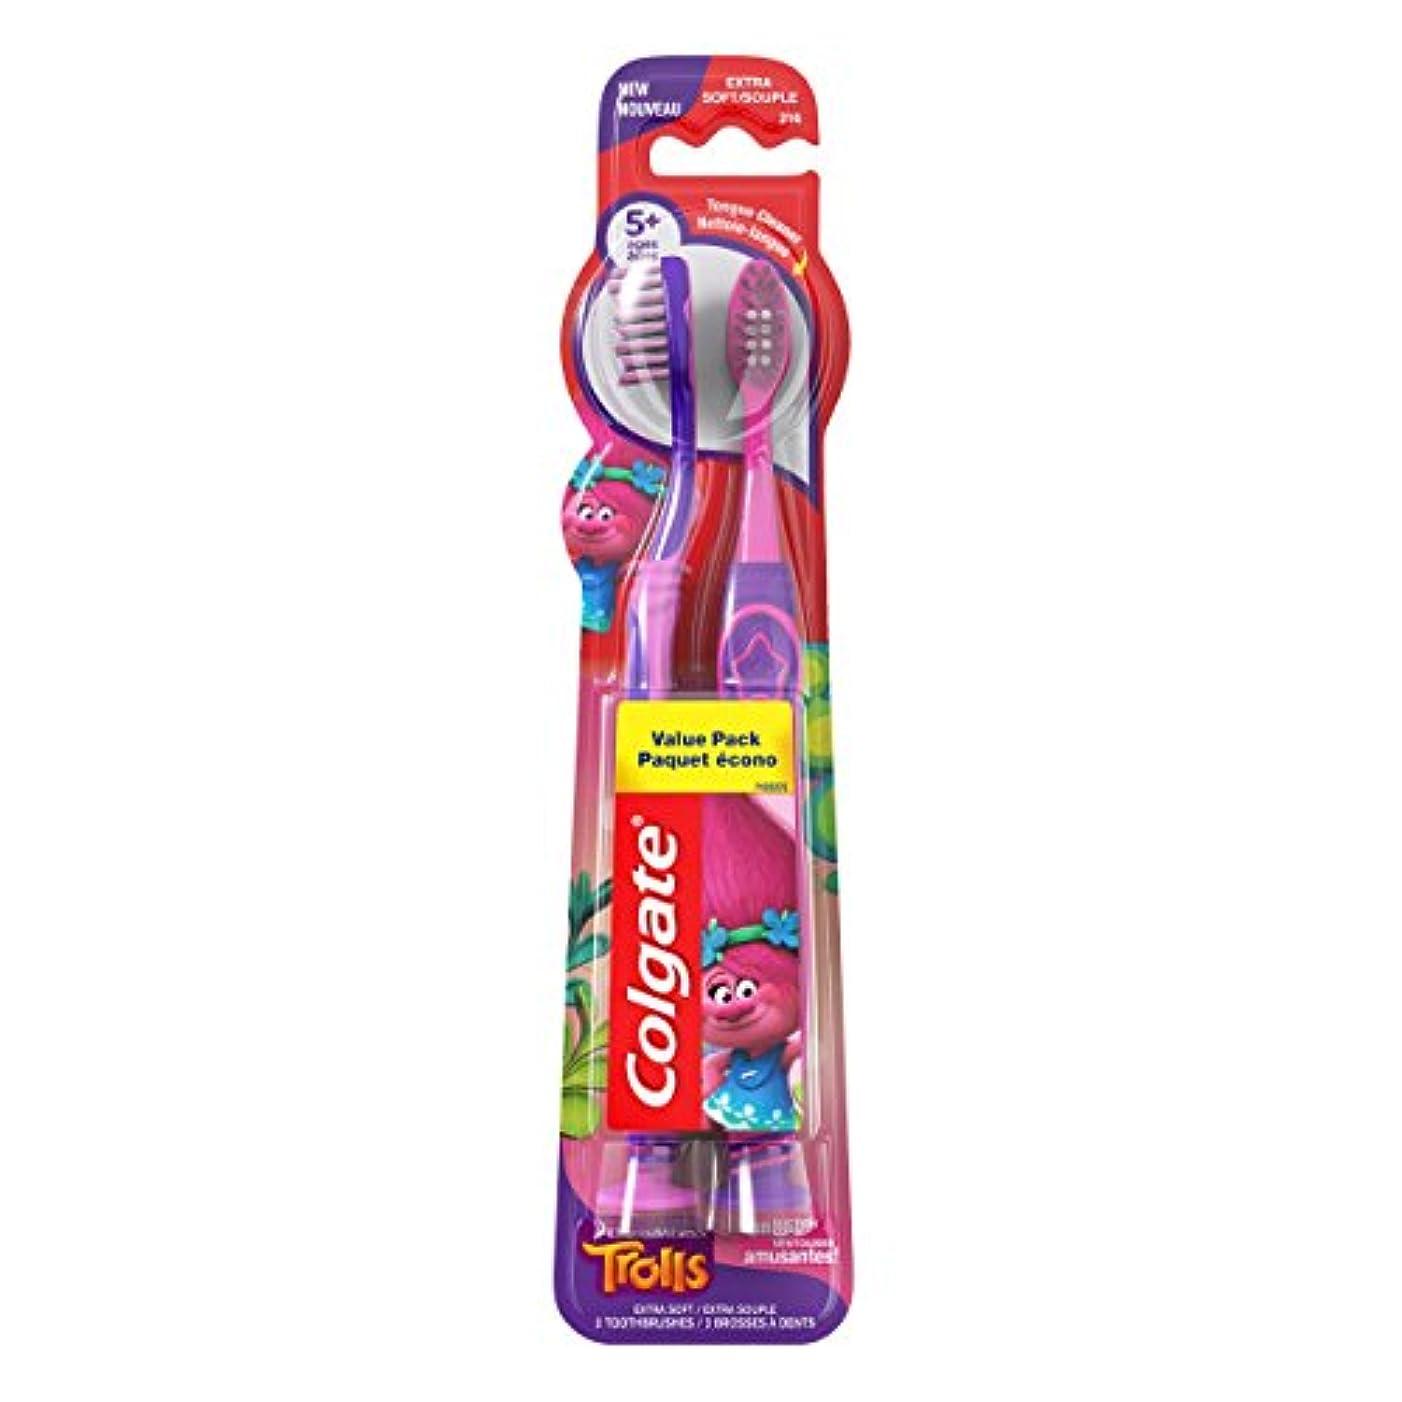 再生的合理化送信するColgate キッズ歯ブラシ、トロルバリューパック、エクストラソフト、2カウント